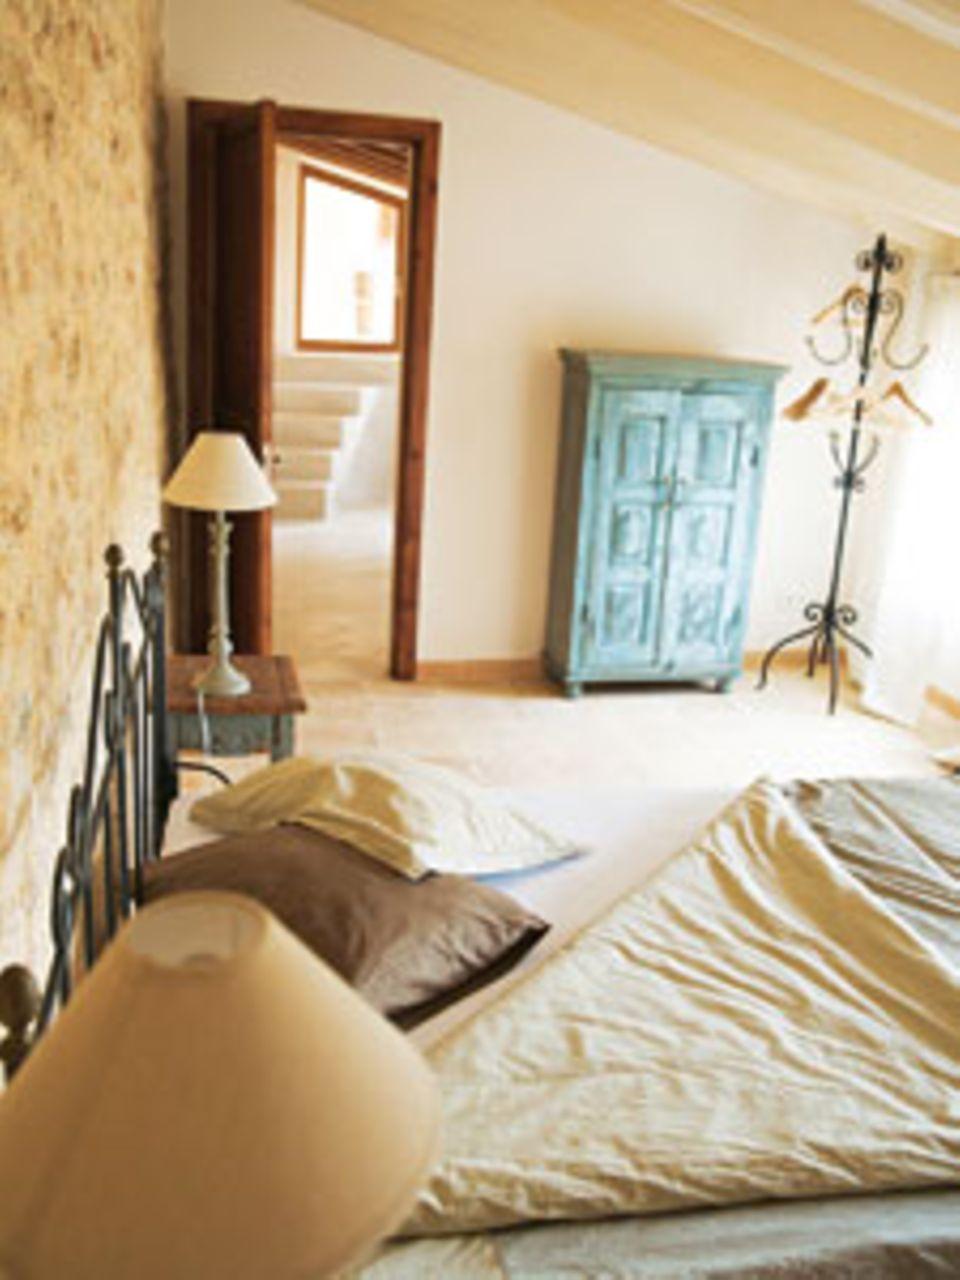 Mallorca: Living Houses Santanyi